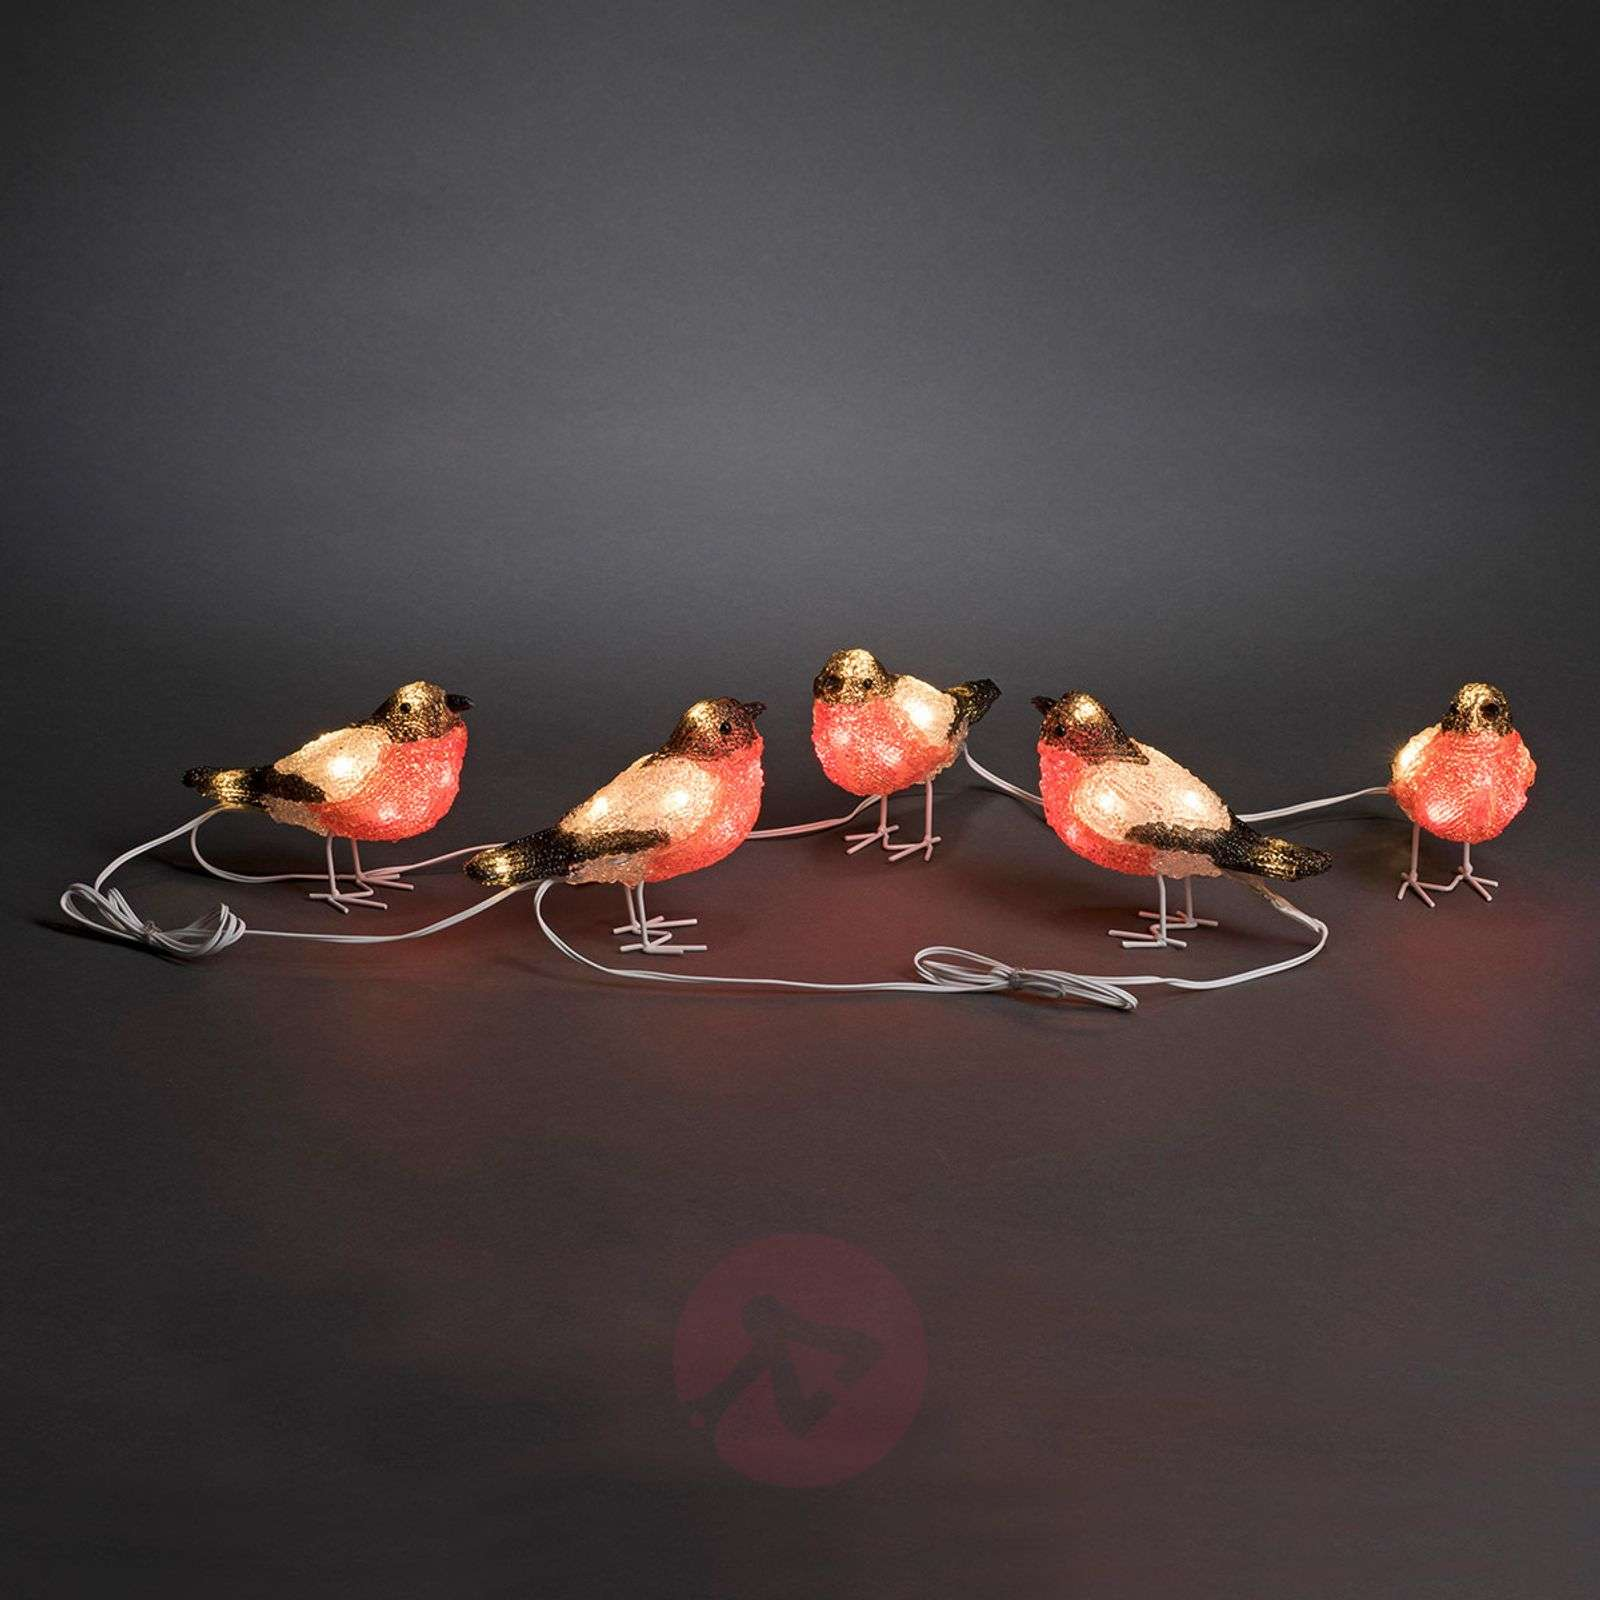 Punarinta LED-akryyli-valofiguuri, 5 kpl:n setti-5524873-01